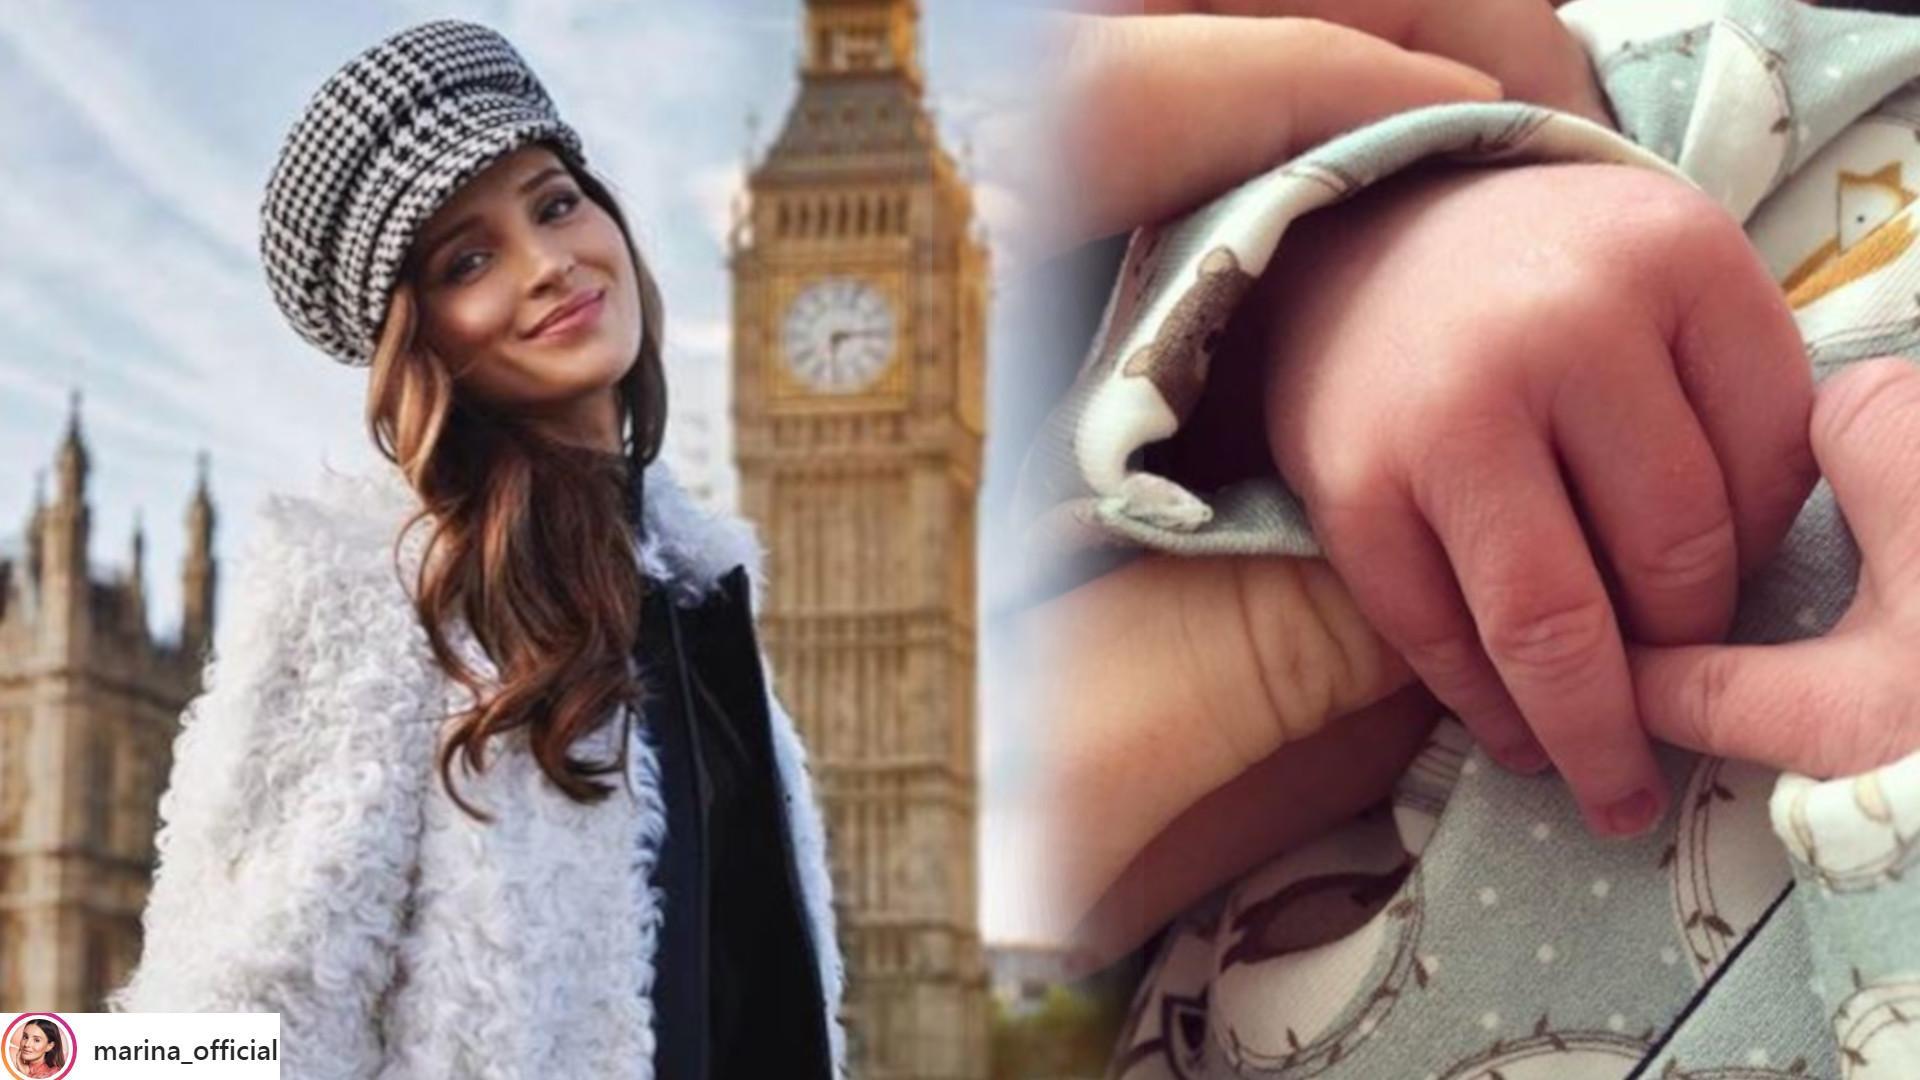 Marina pokazała, jak WYSTROIŁA Liama. Będzie z niego mały fashionista?